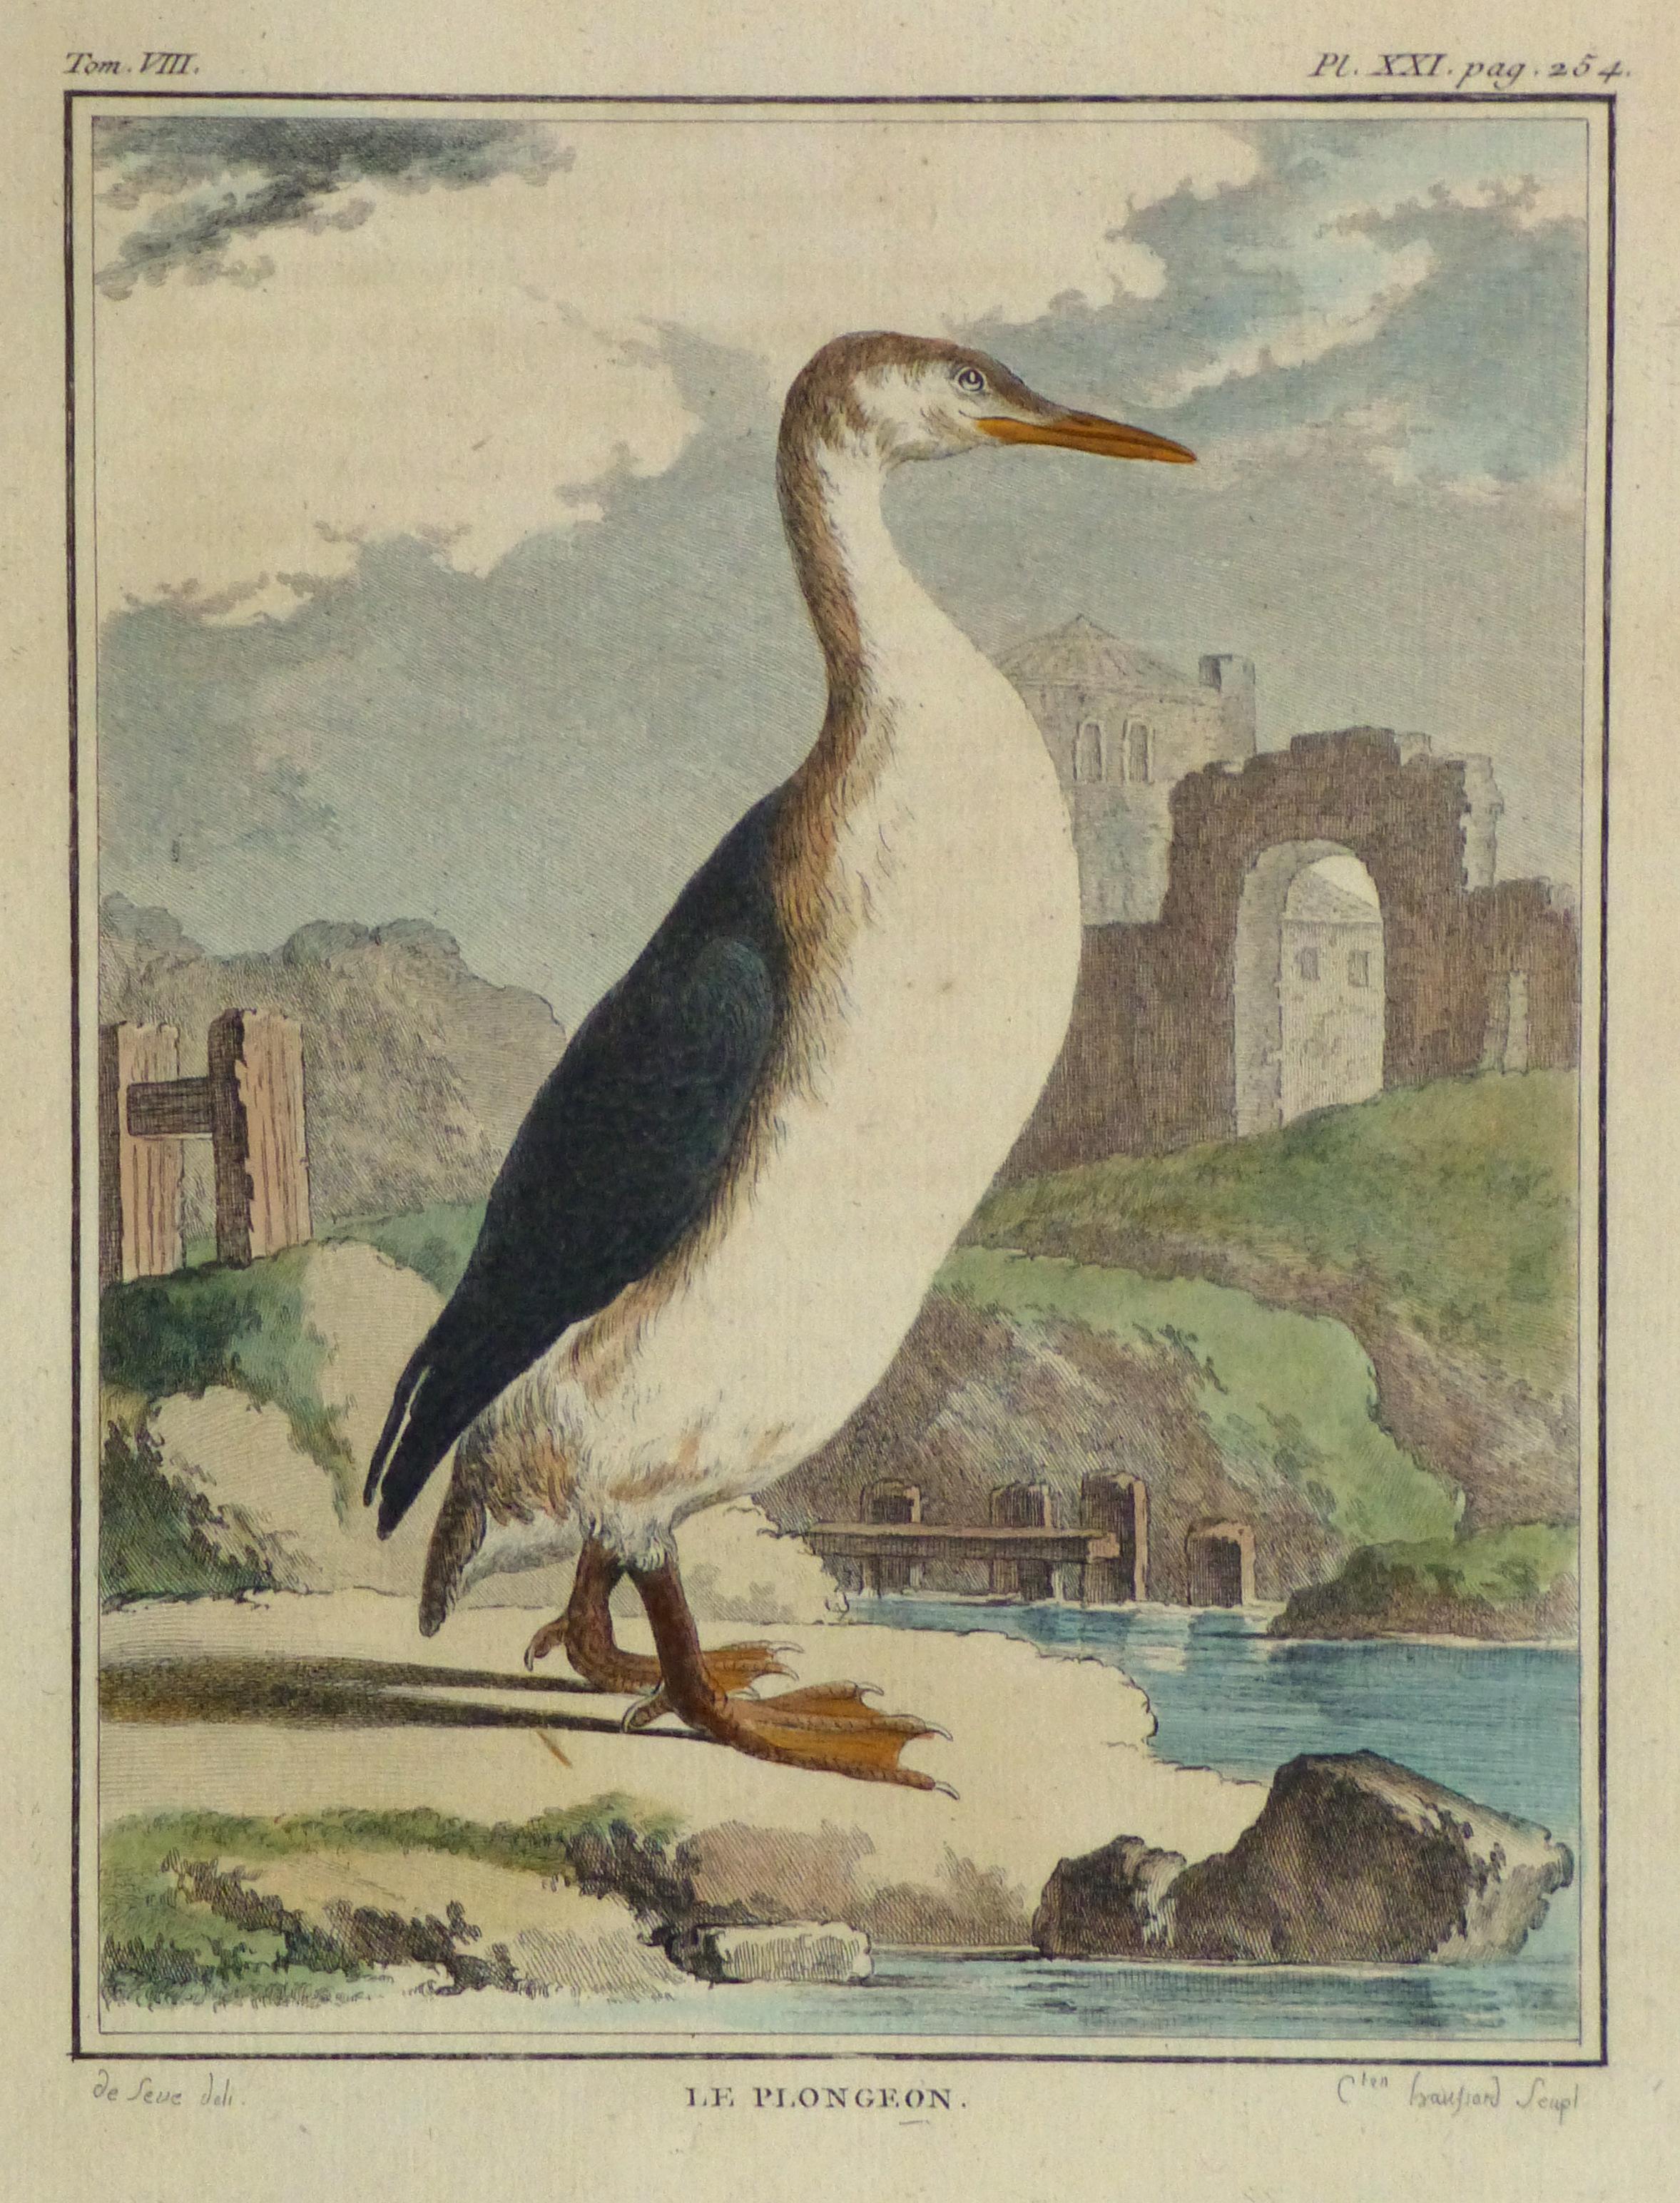 Loon Print, Circa 1770-main-10421M